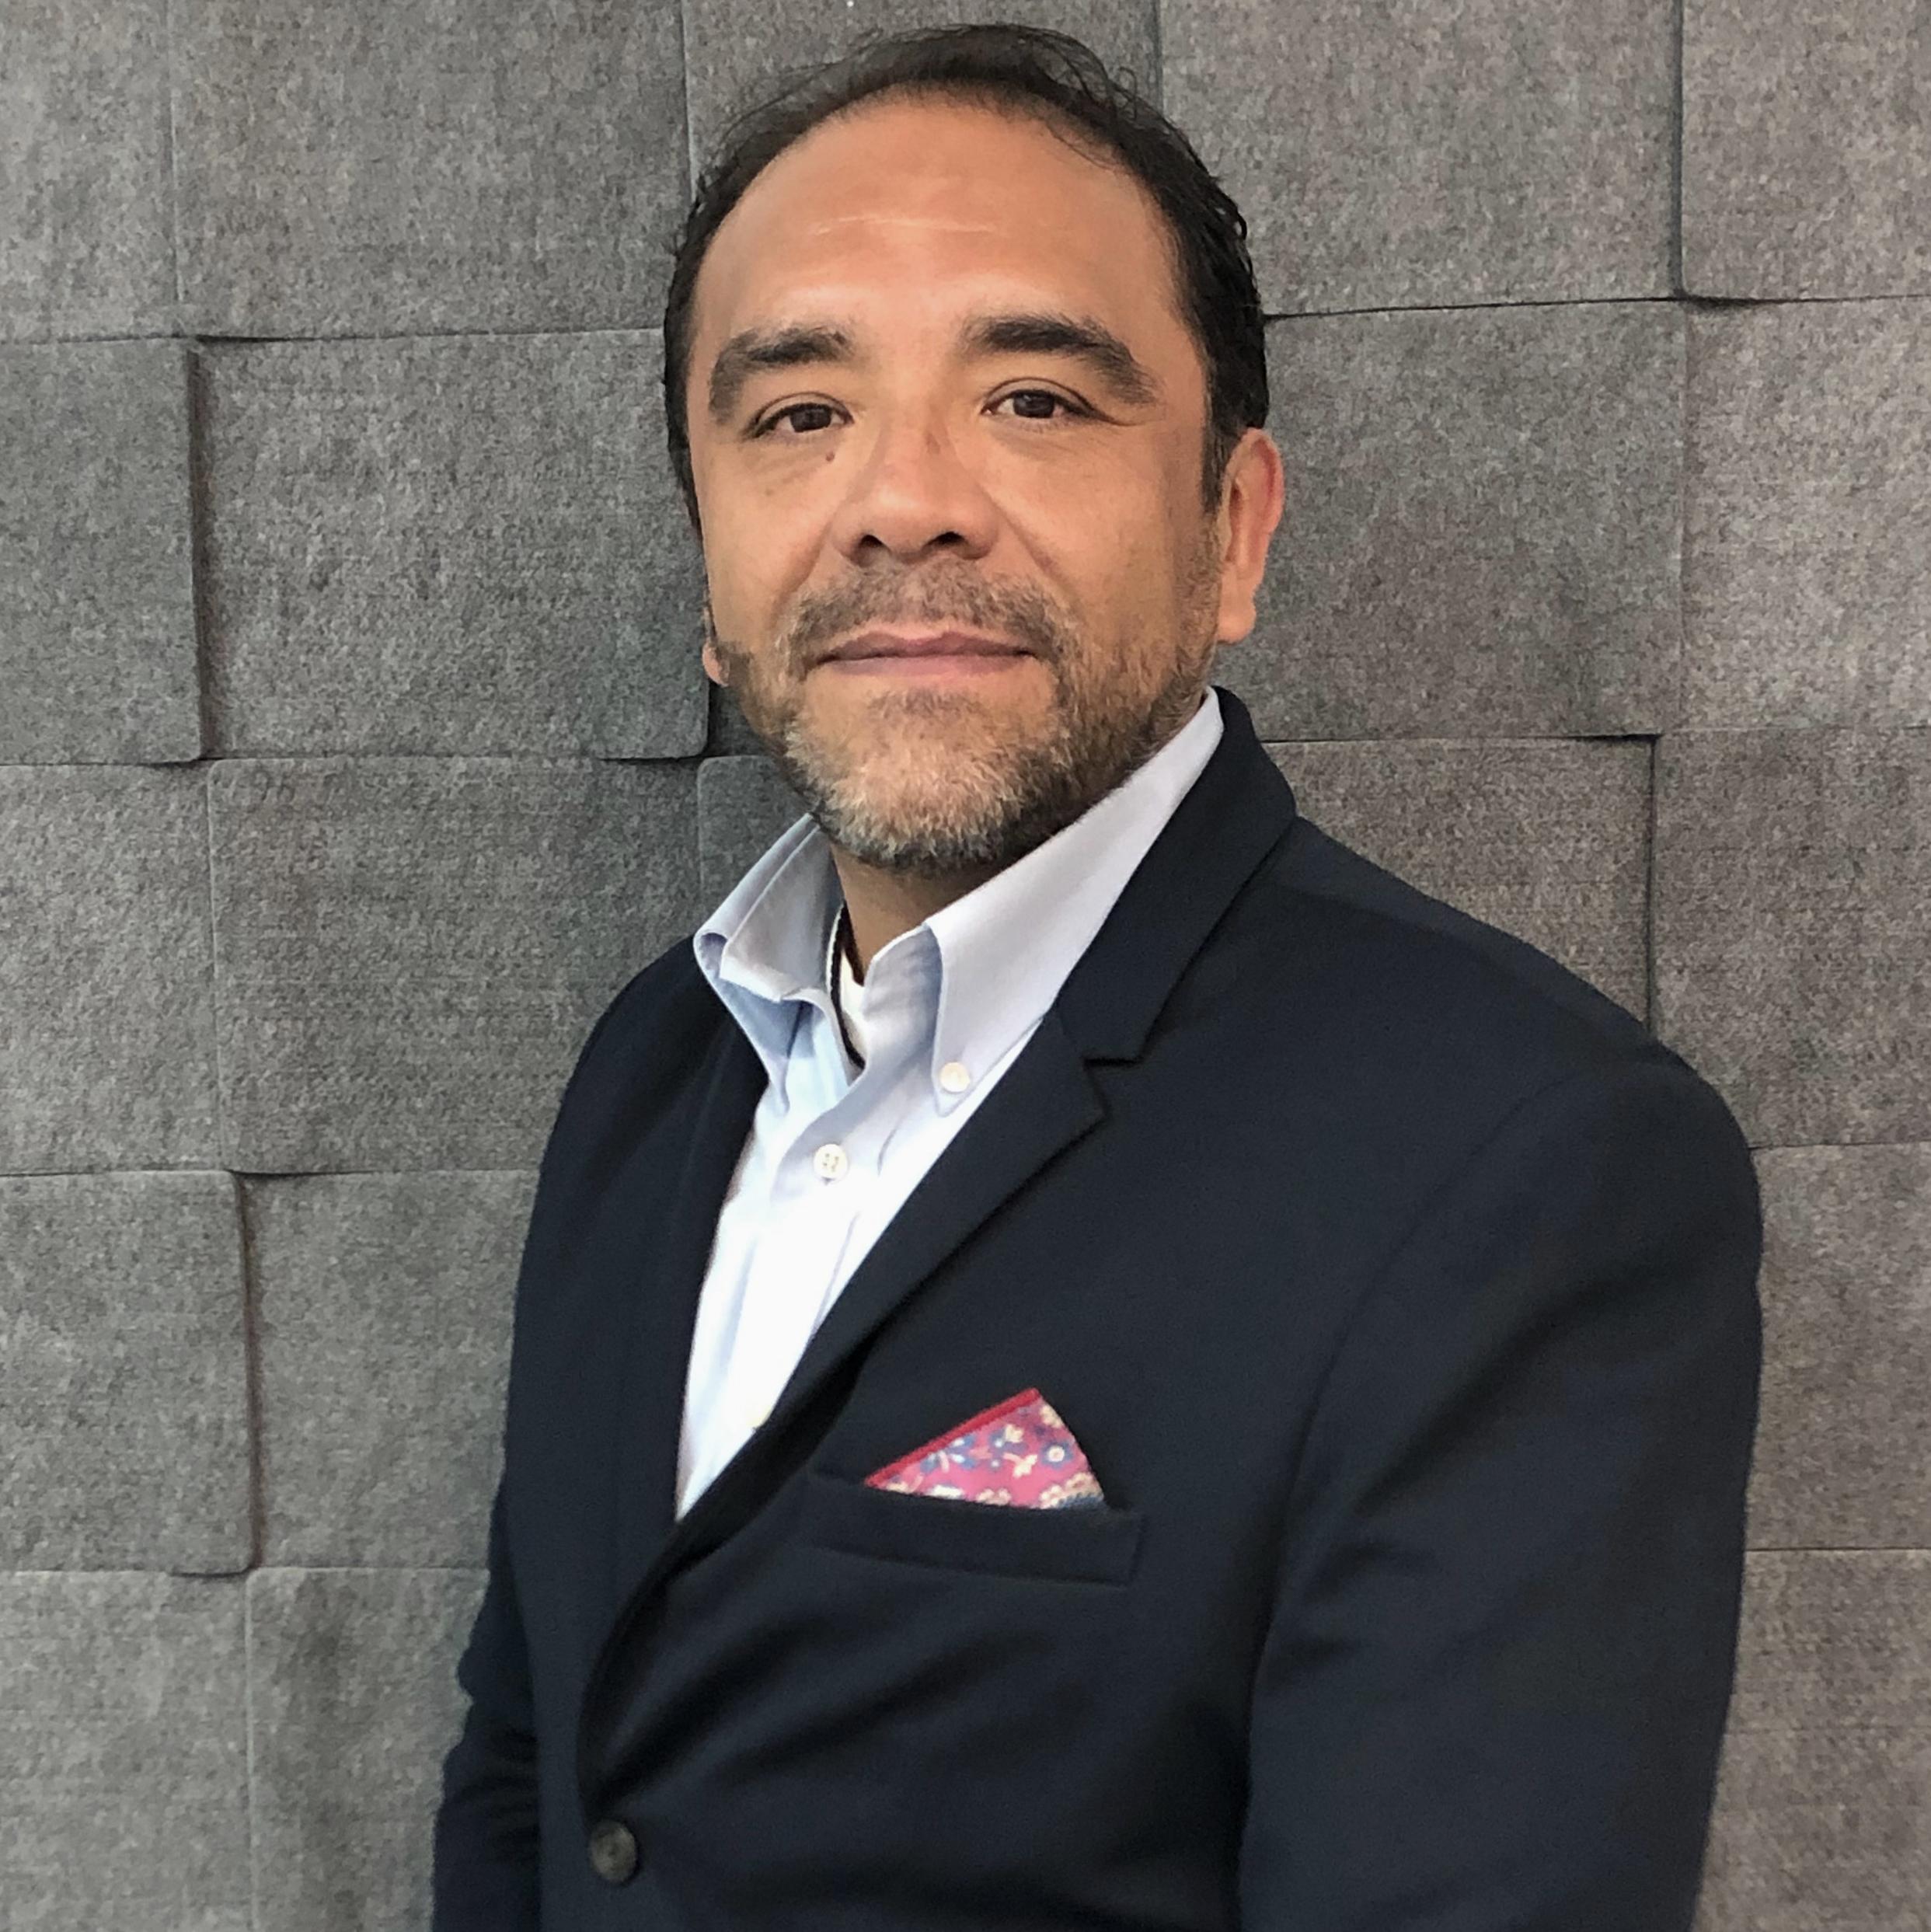 Tonatiuh Mendoza Martínez